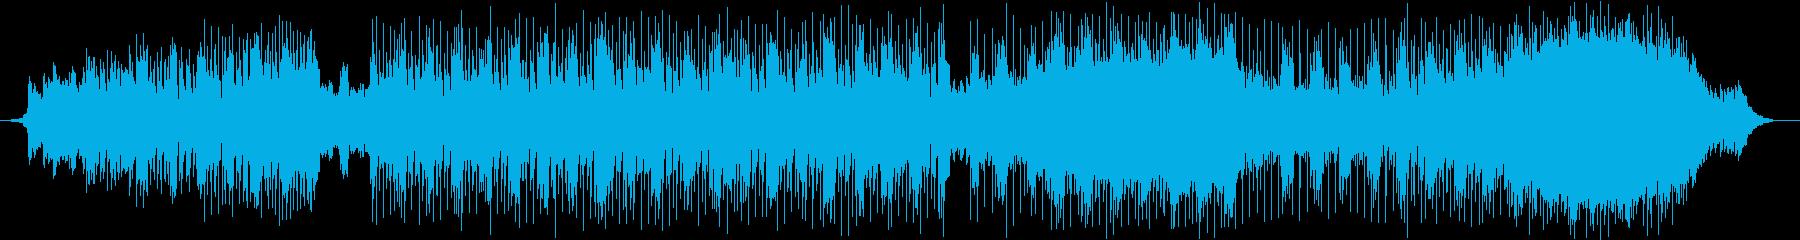 ビッグディストーションギターと催眠...の再生済みの波形